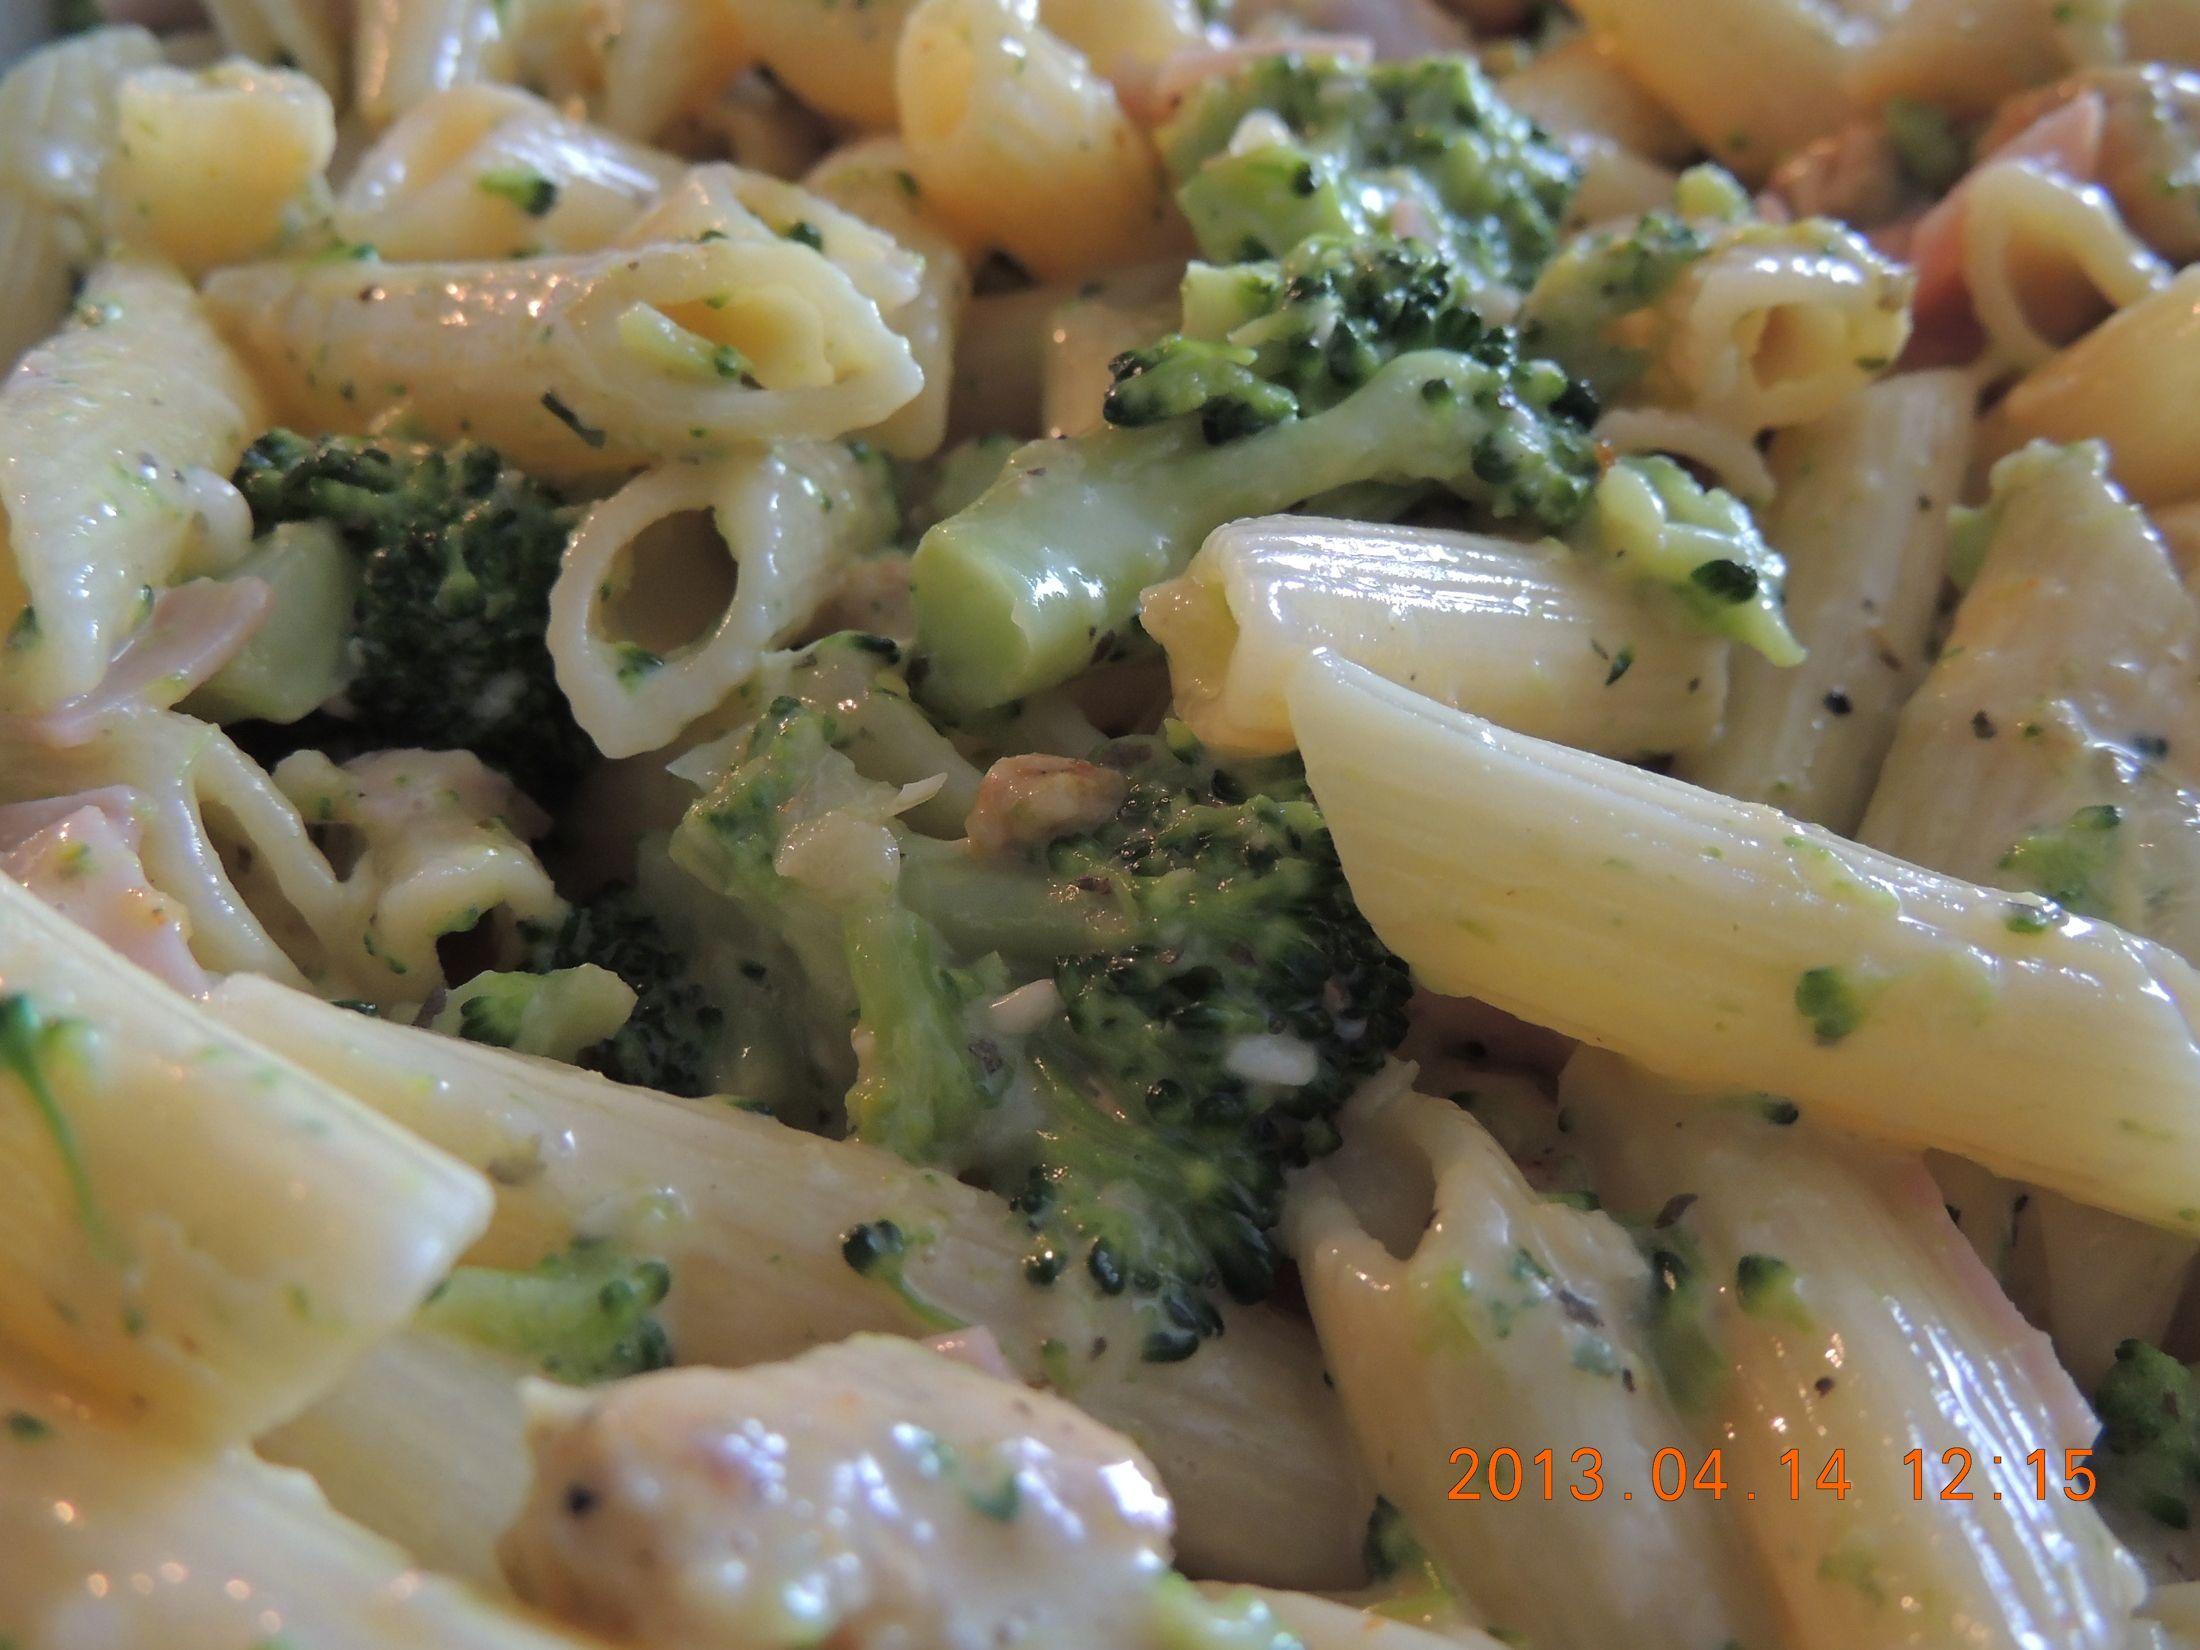 Recept Brokolice s těstovinami - Trošku jsem si to poupravila a přidala jsem jarní cibulku, česnek a místo mléka smetanu.